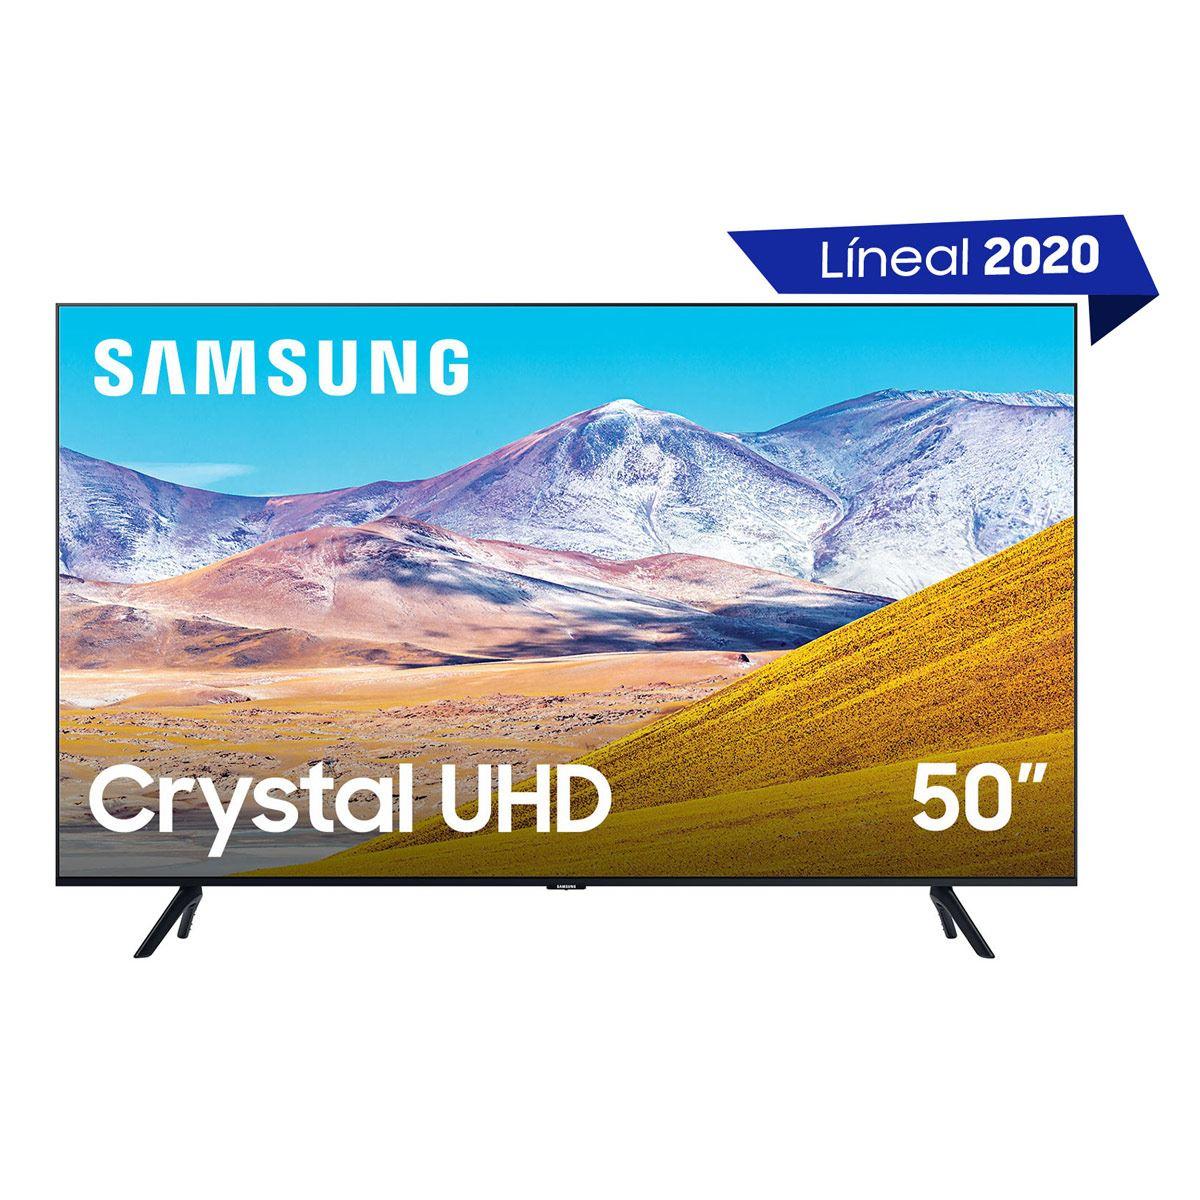 """Claro Shop: Pantalla Samsung 50"""" UN50TU8000 Crystal UHD 4k, de 9295 a 7900 pagando con (TDC Banorte digital)"""